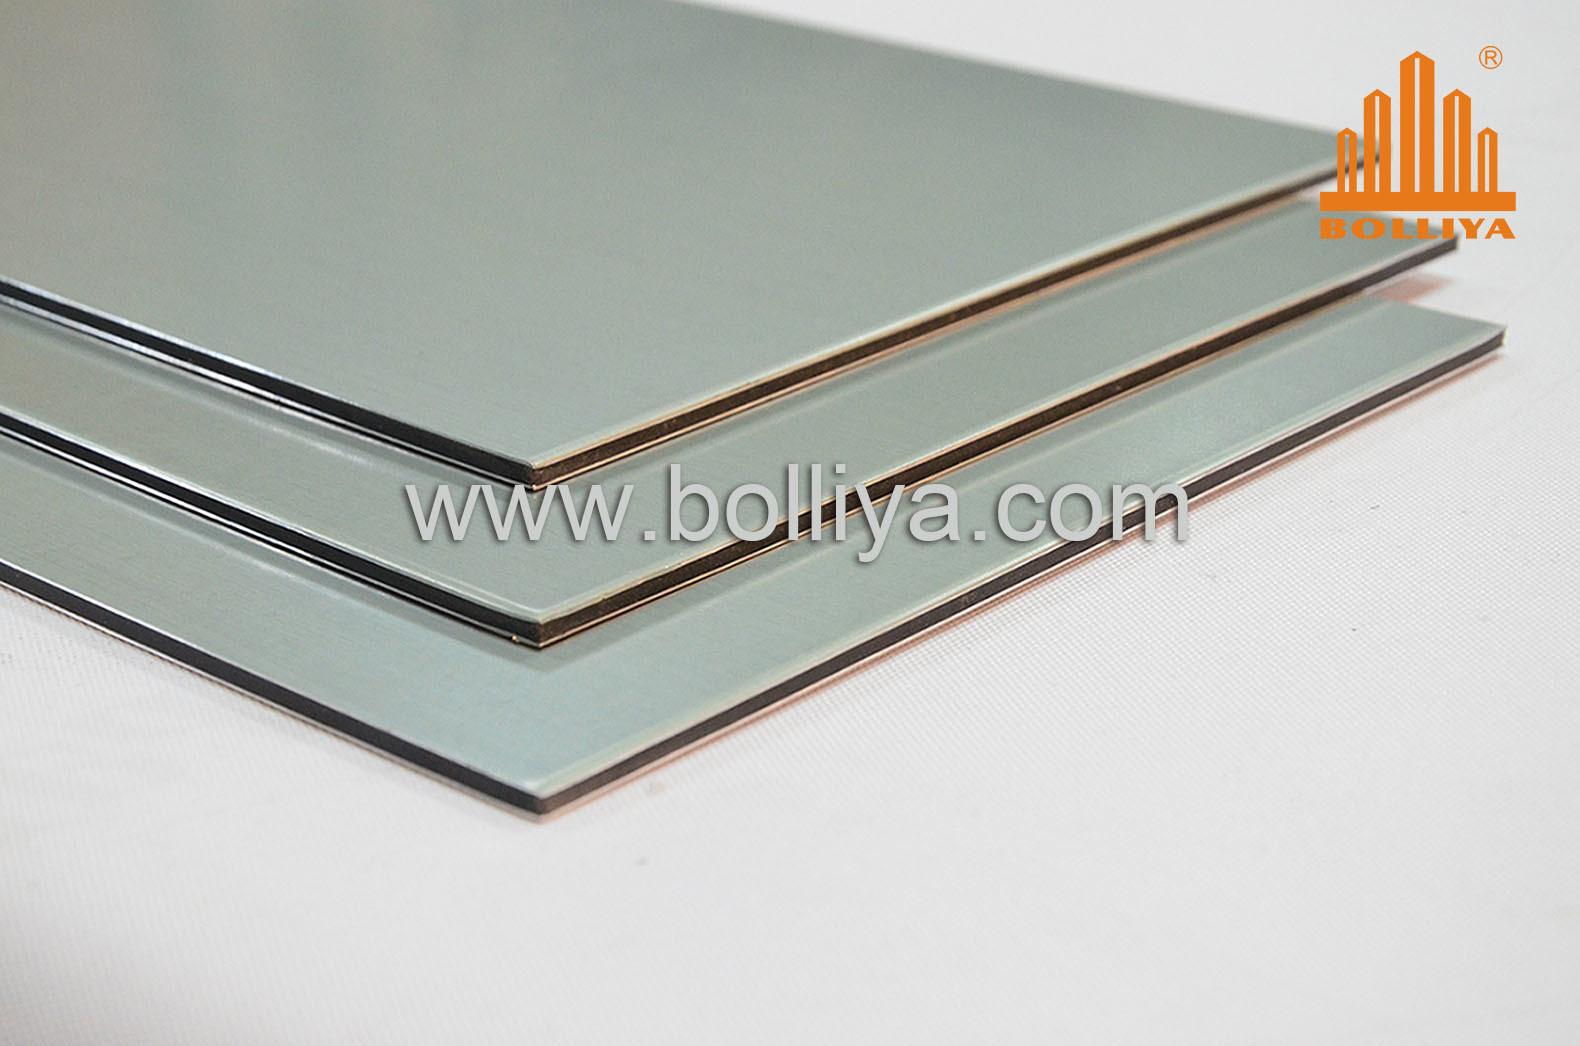 Titanium Aluminum Alloy Composite Color Panels Tz-001